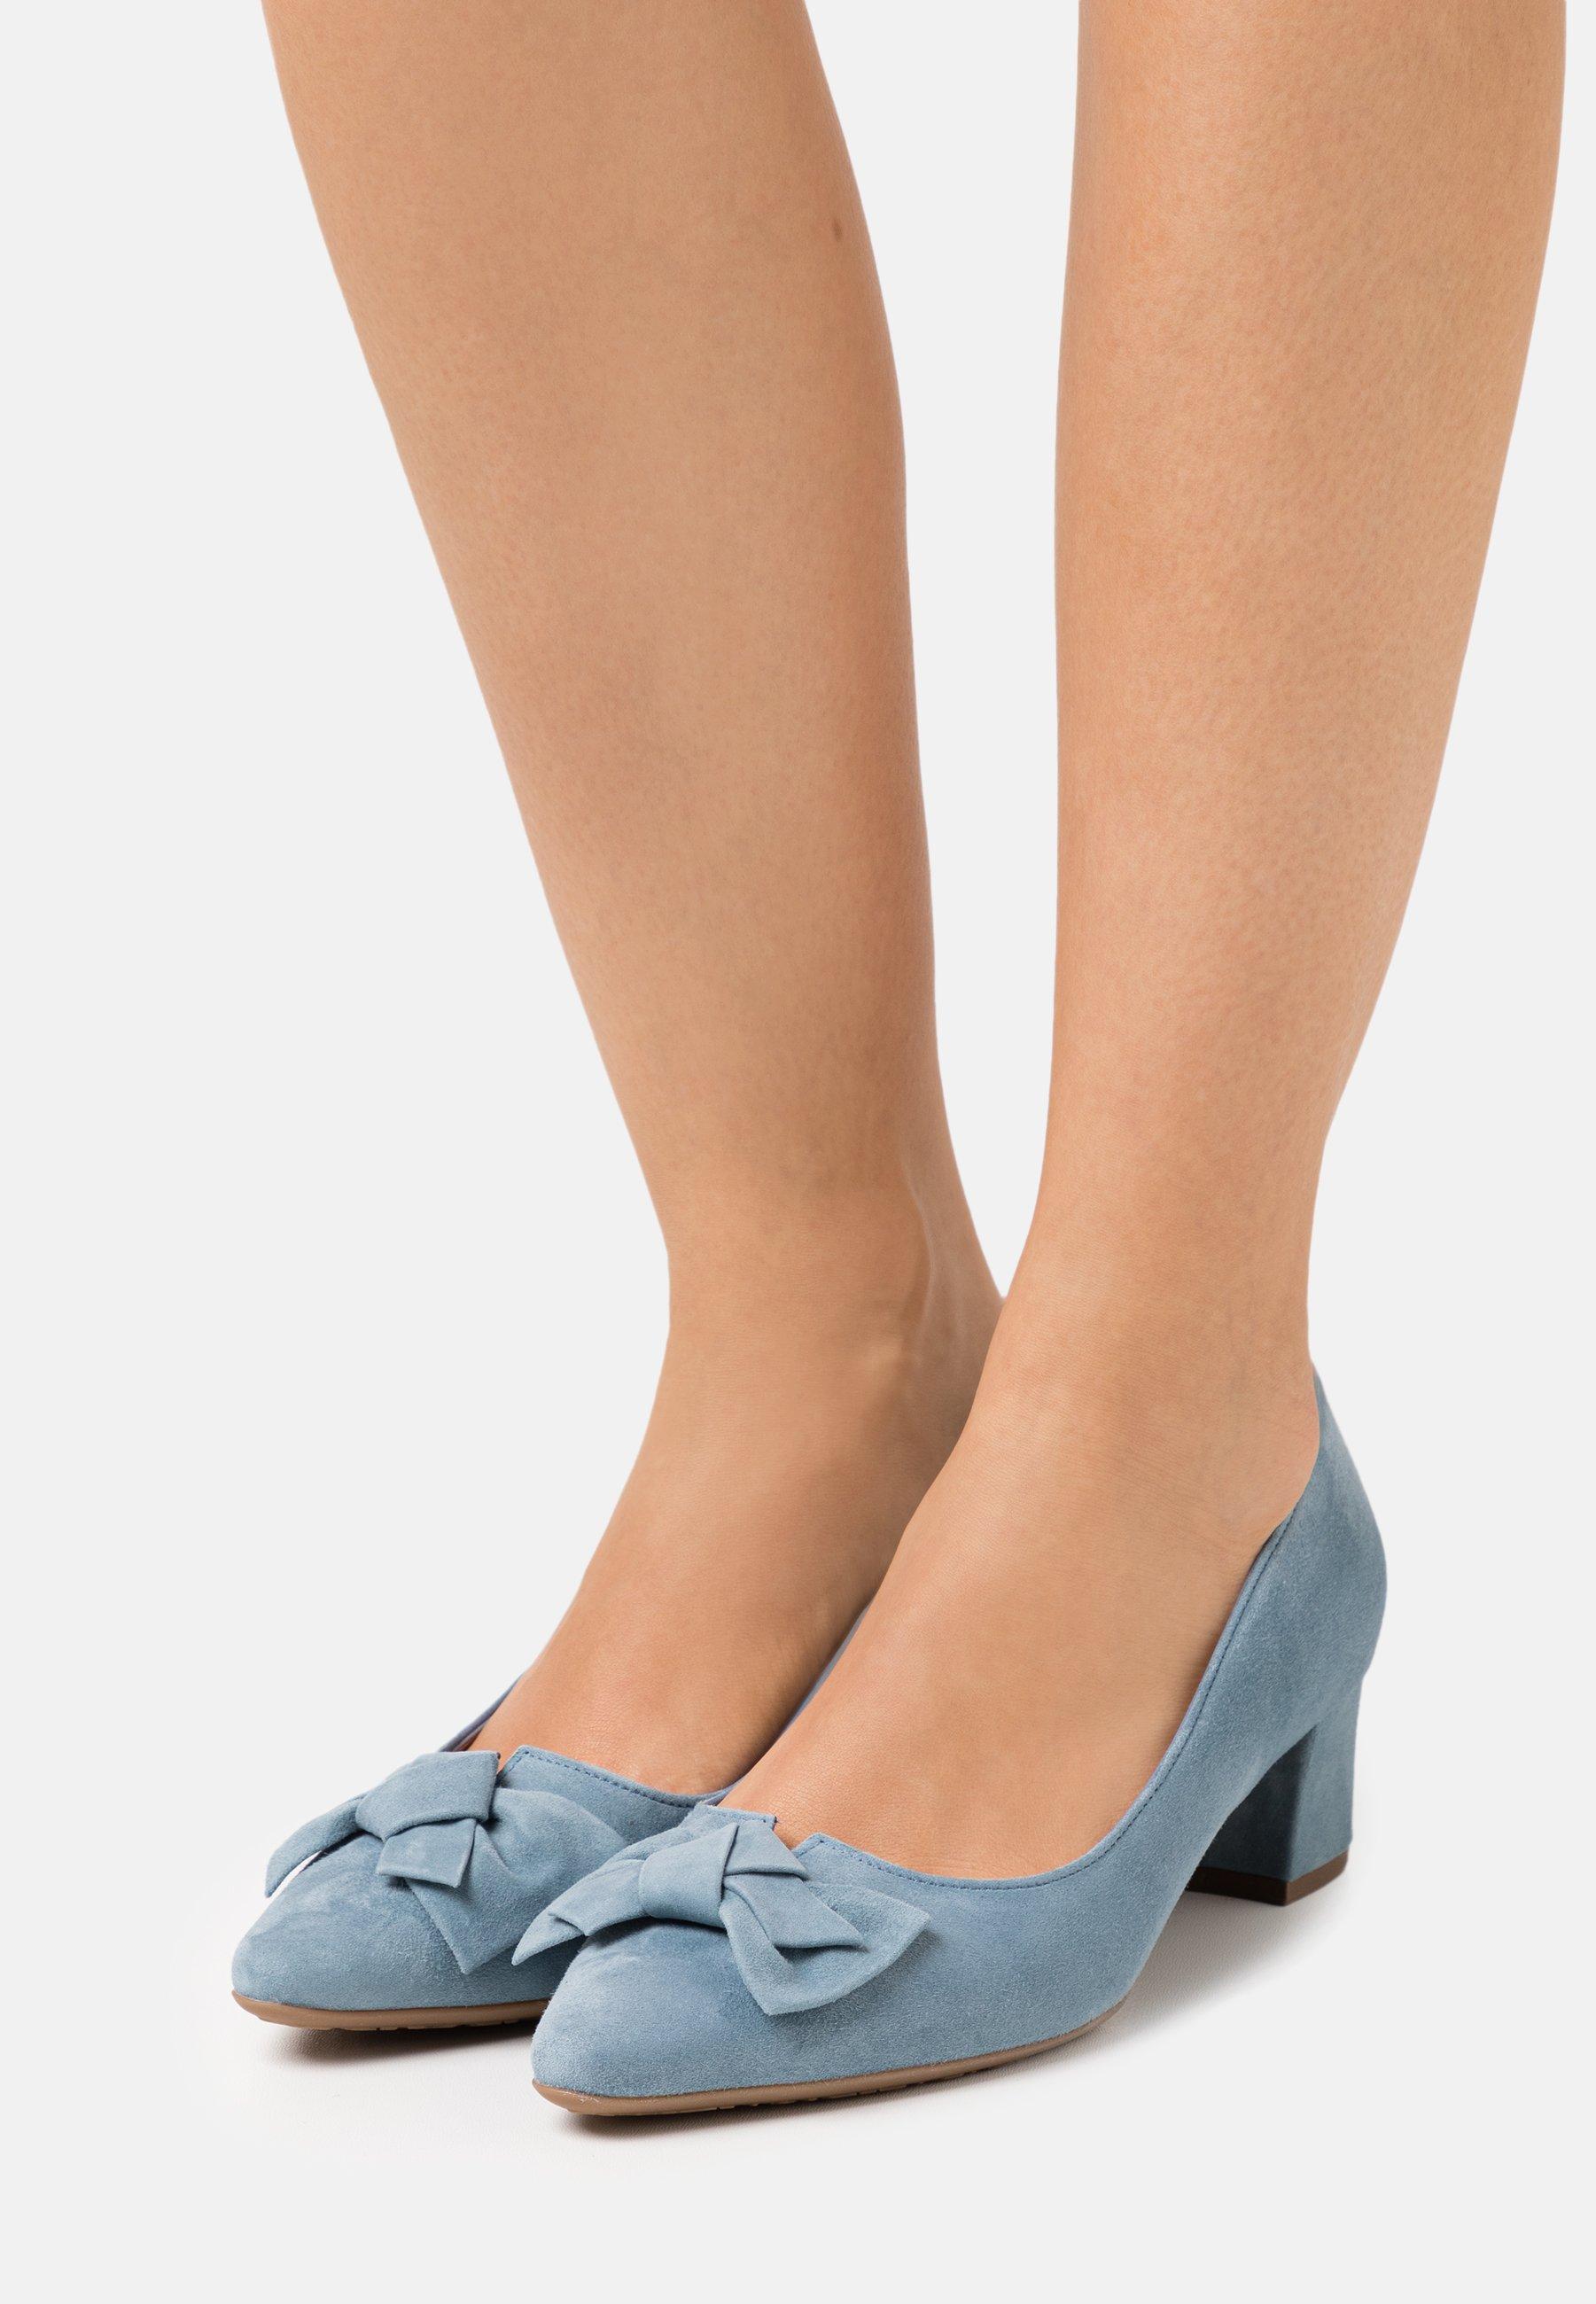 Femme BLIA - Escarpins - jeans